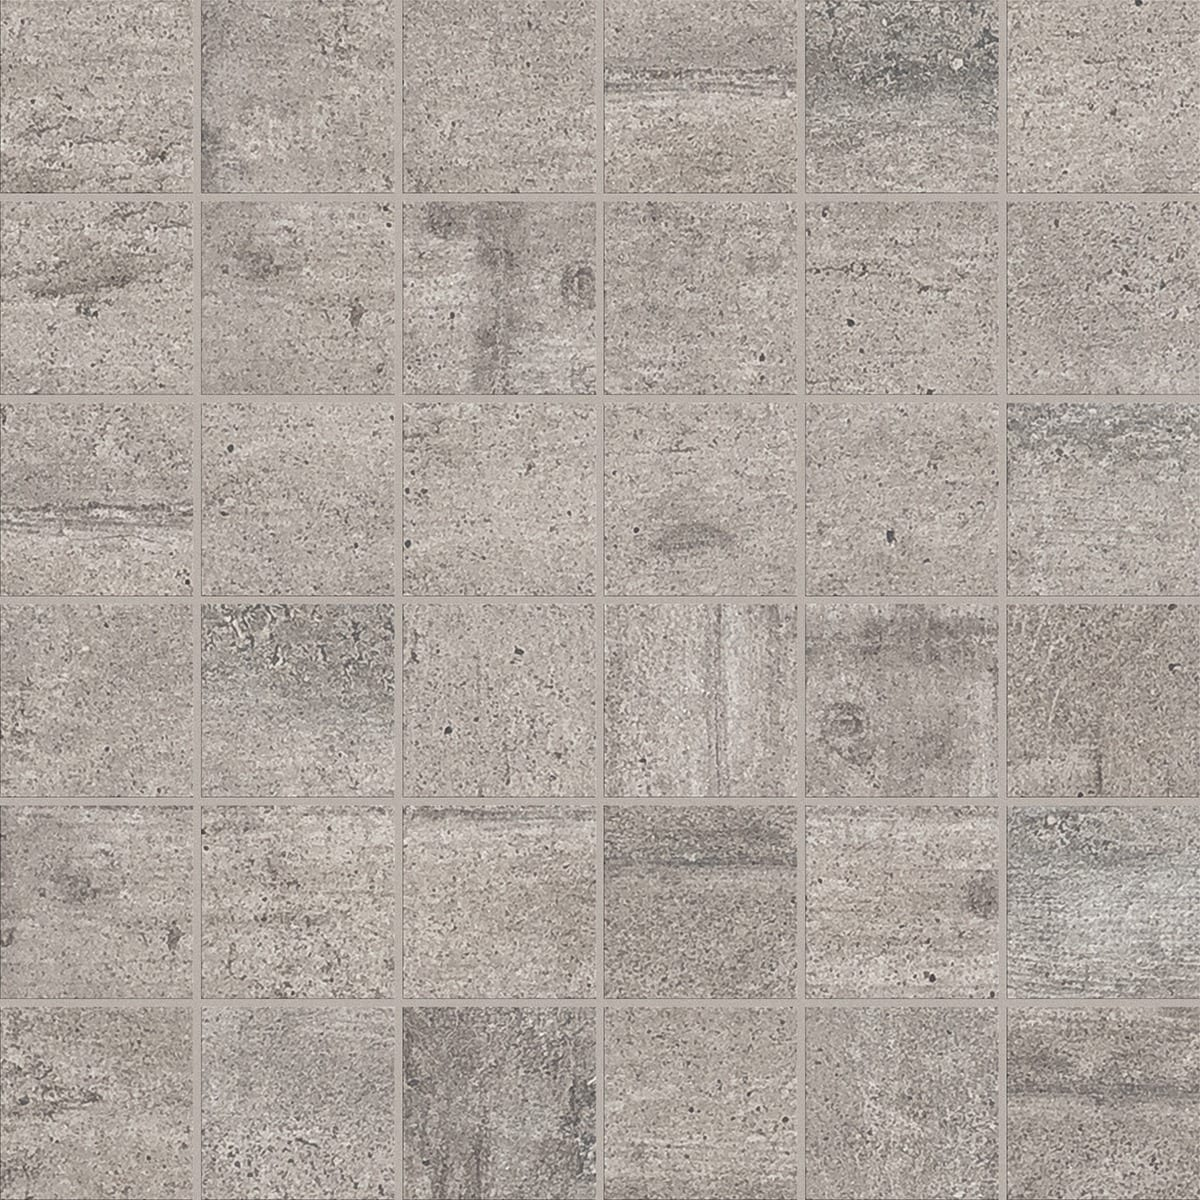 #70665B Mest effektive Beton Grå 5x5 (30x30) Mosaikhjørnet Fliser Klinker Og Mosaik Til Badevær  Fliser Til Bad Og Køkken 4805 120012004805